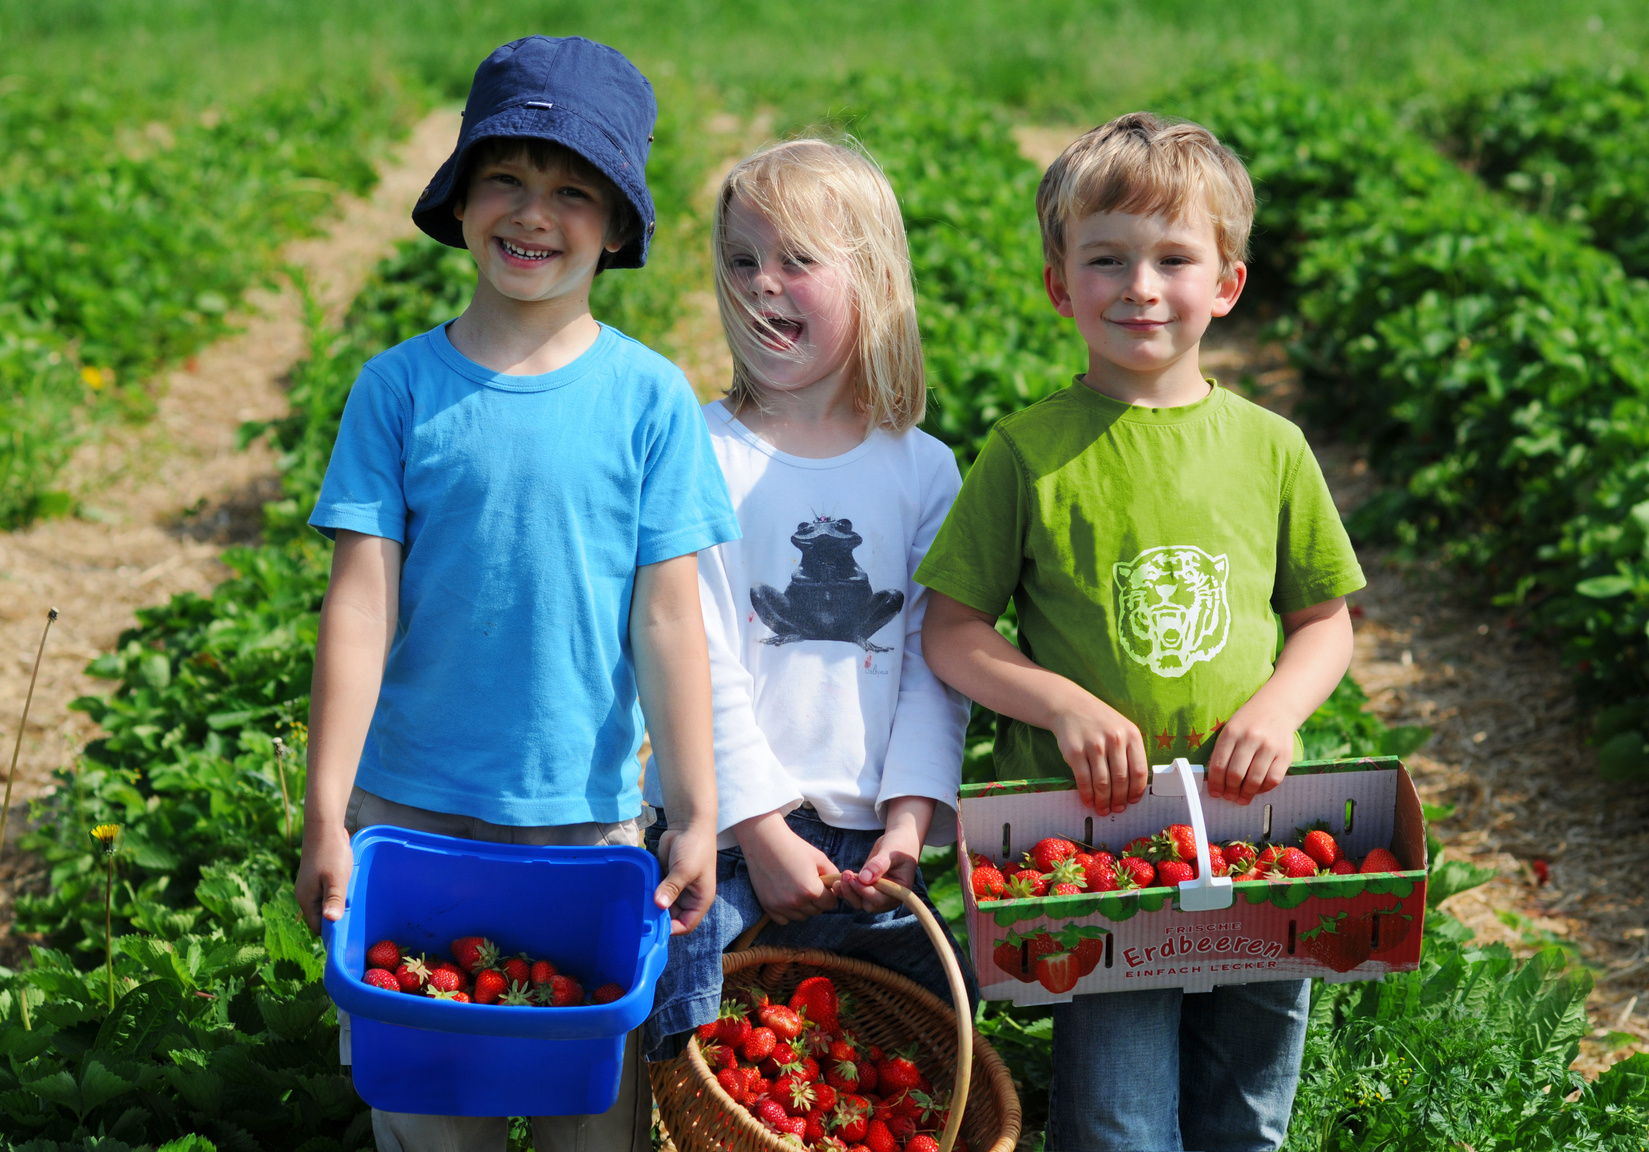 Erdbeercrew